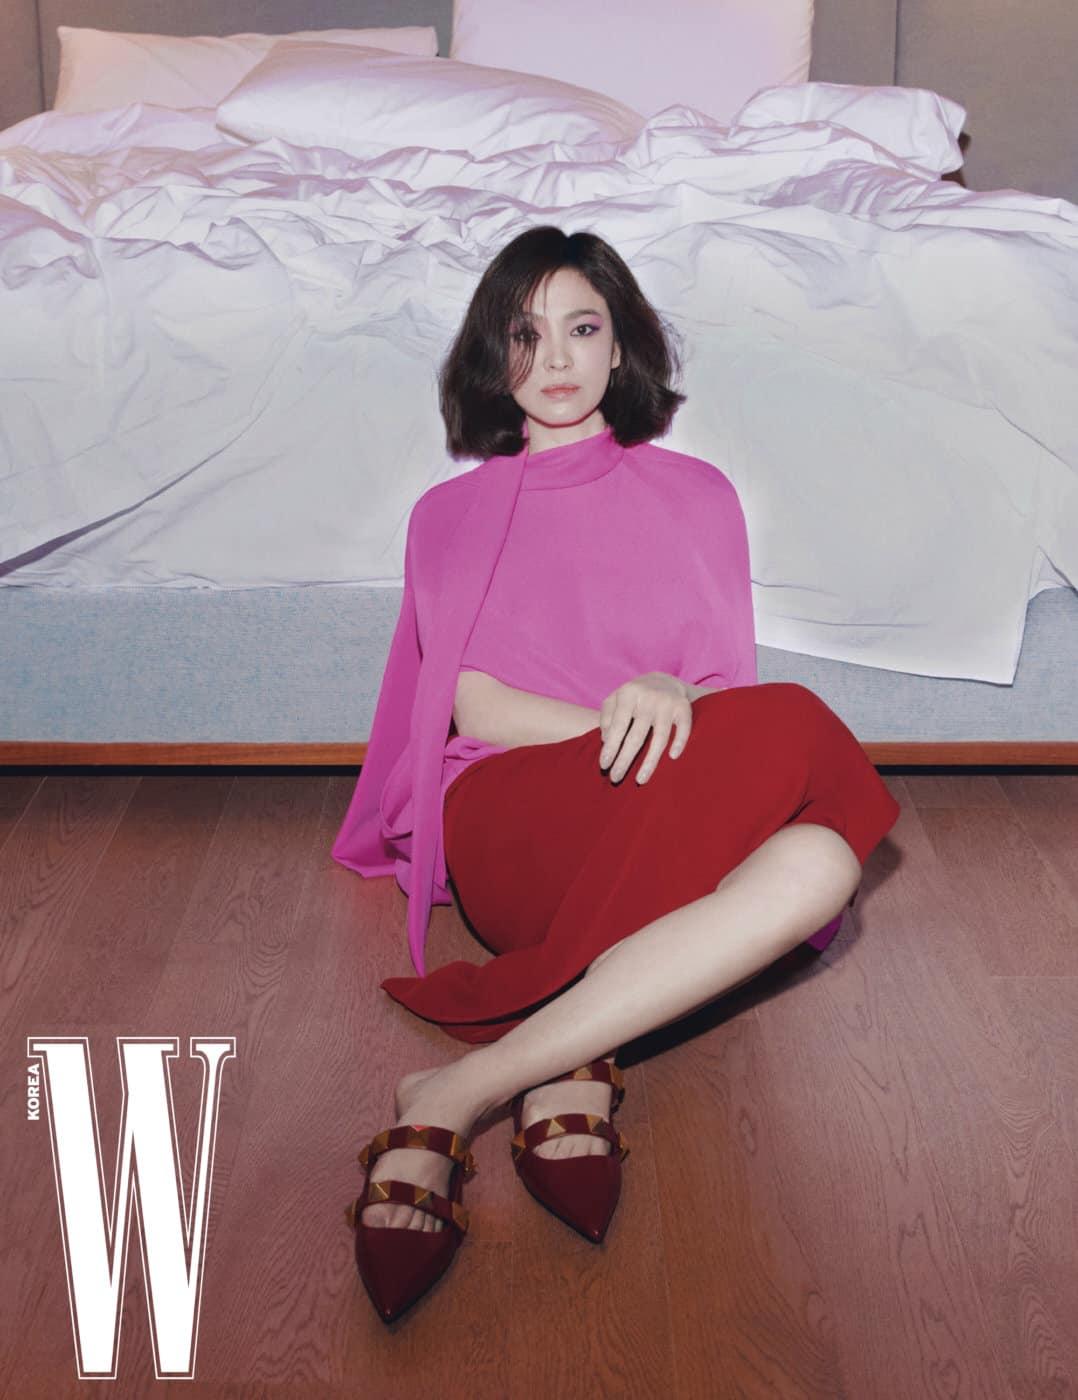 """Phượng Chanel """"đối đầu"""" Song Hye Kyo khi đụng hàng: Nữ doanh nhân đã lên đời style nhưng vẫn lép vế mỹ nhân Hàn - Ảnh 3."""